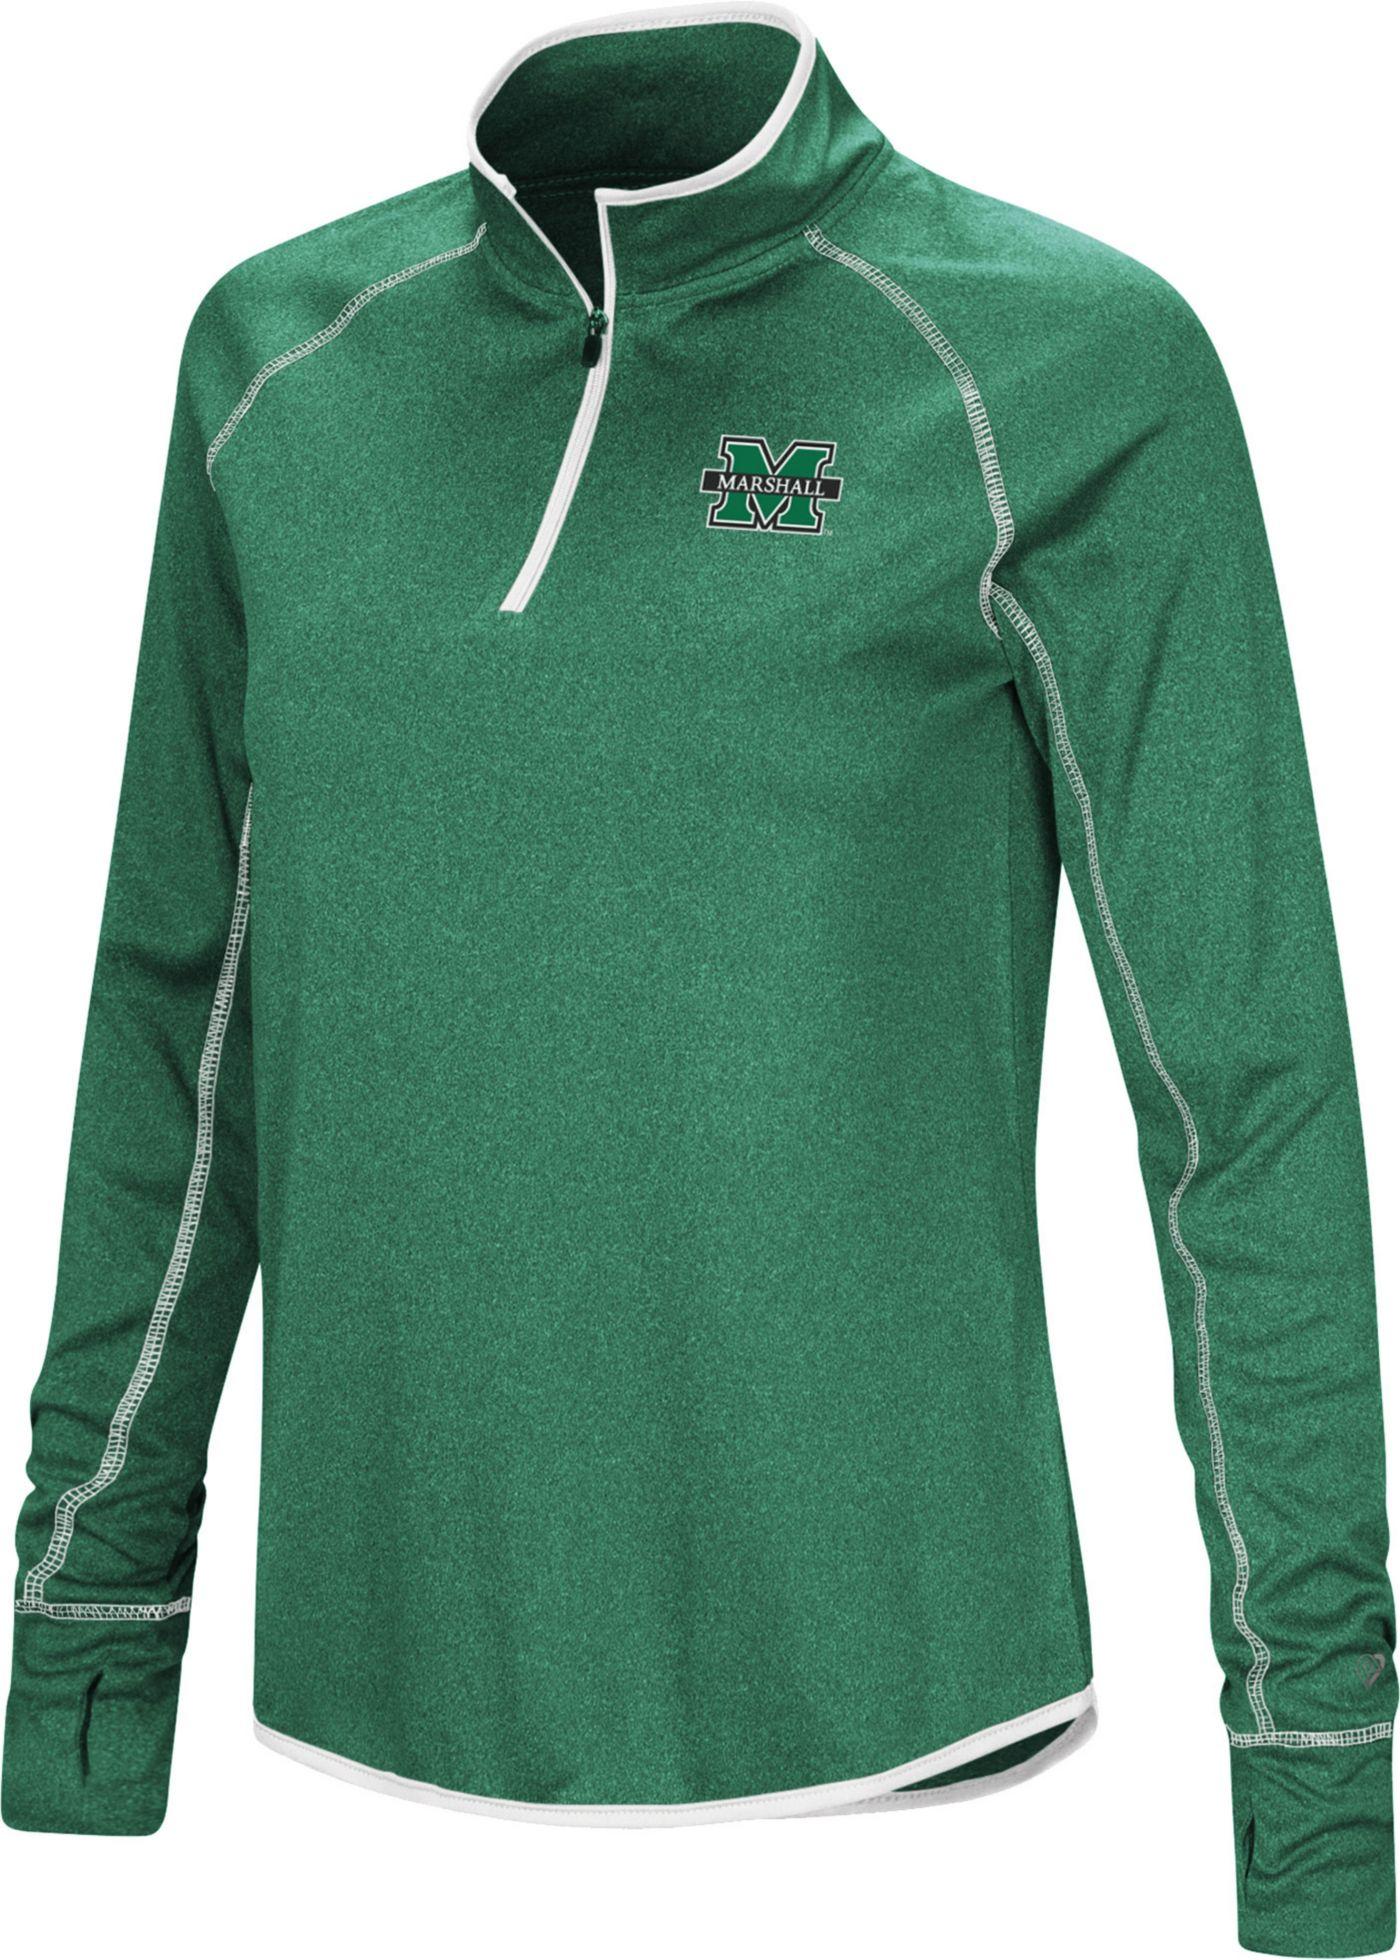 Colosseum Women's Marshall Thundering Herd Green Stingray Quarter-Zip Shirt